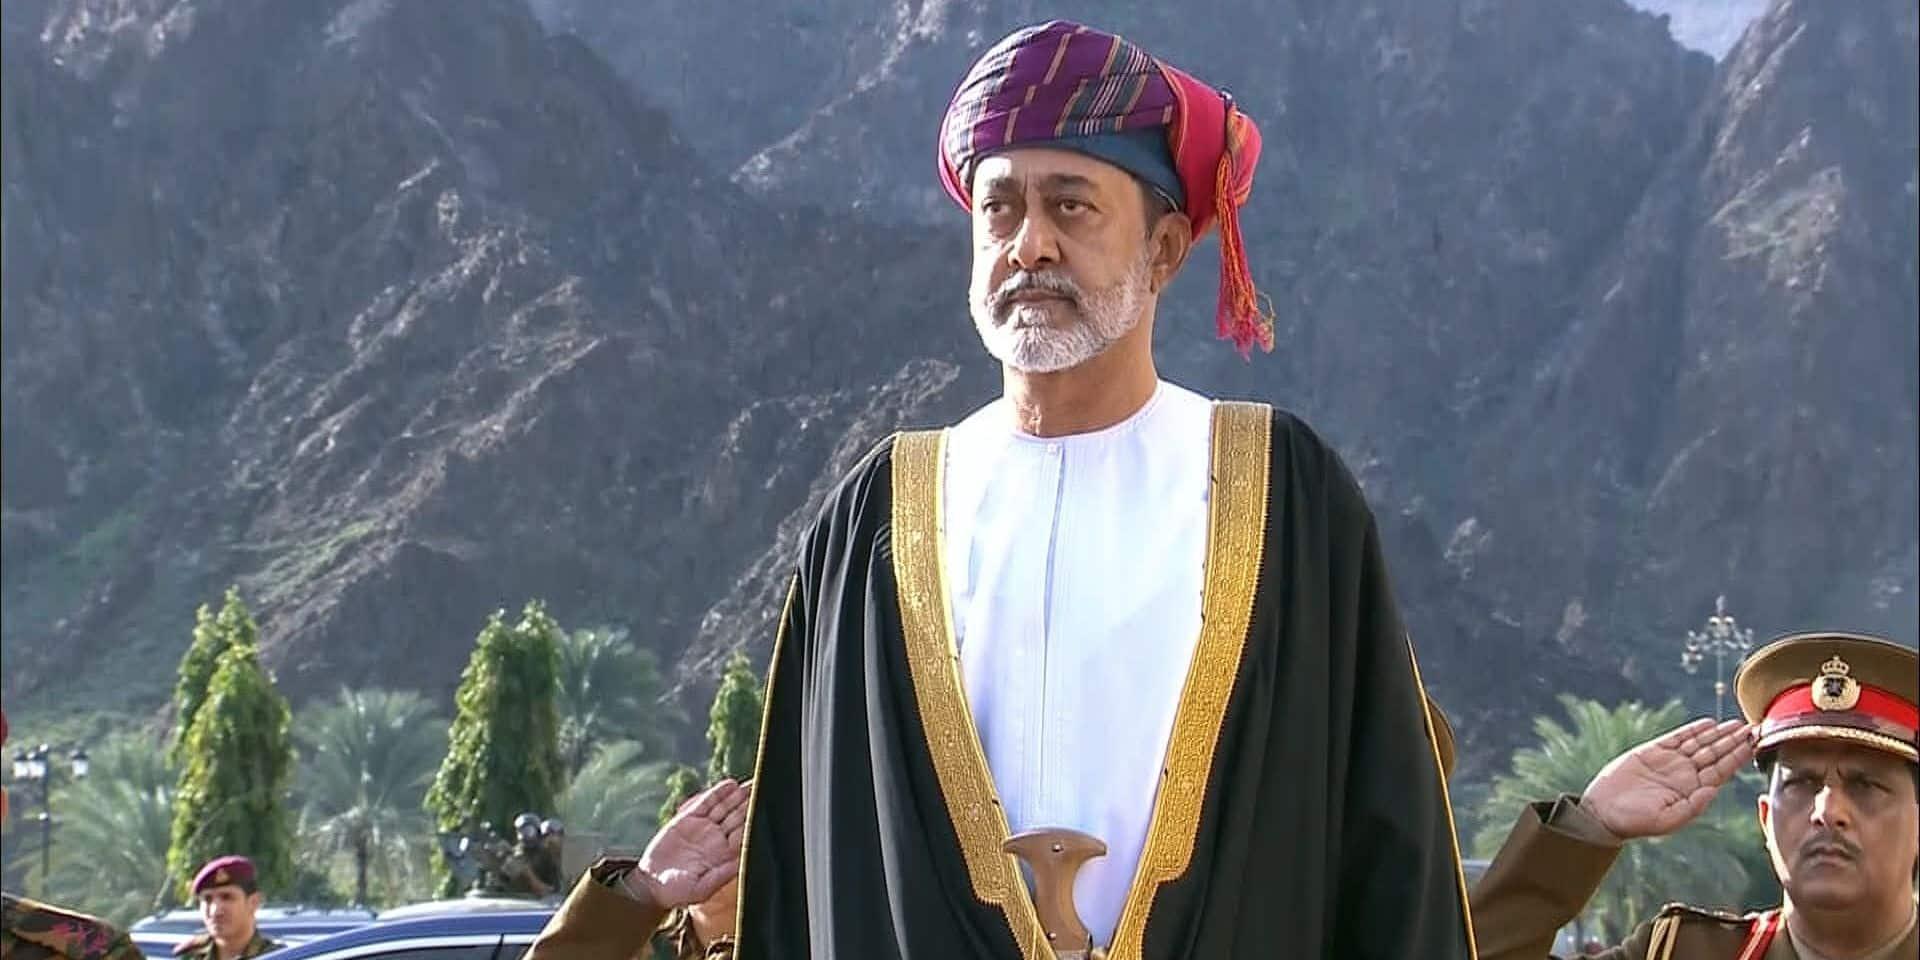 Oman: après le décès du sultan Qaboos, les défis qui attendent le nouveau dirigeant sont nombreux